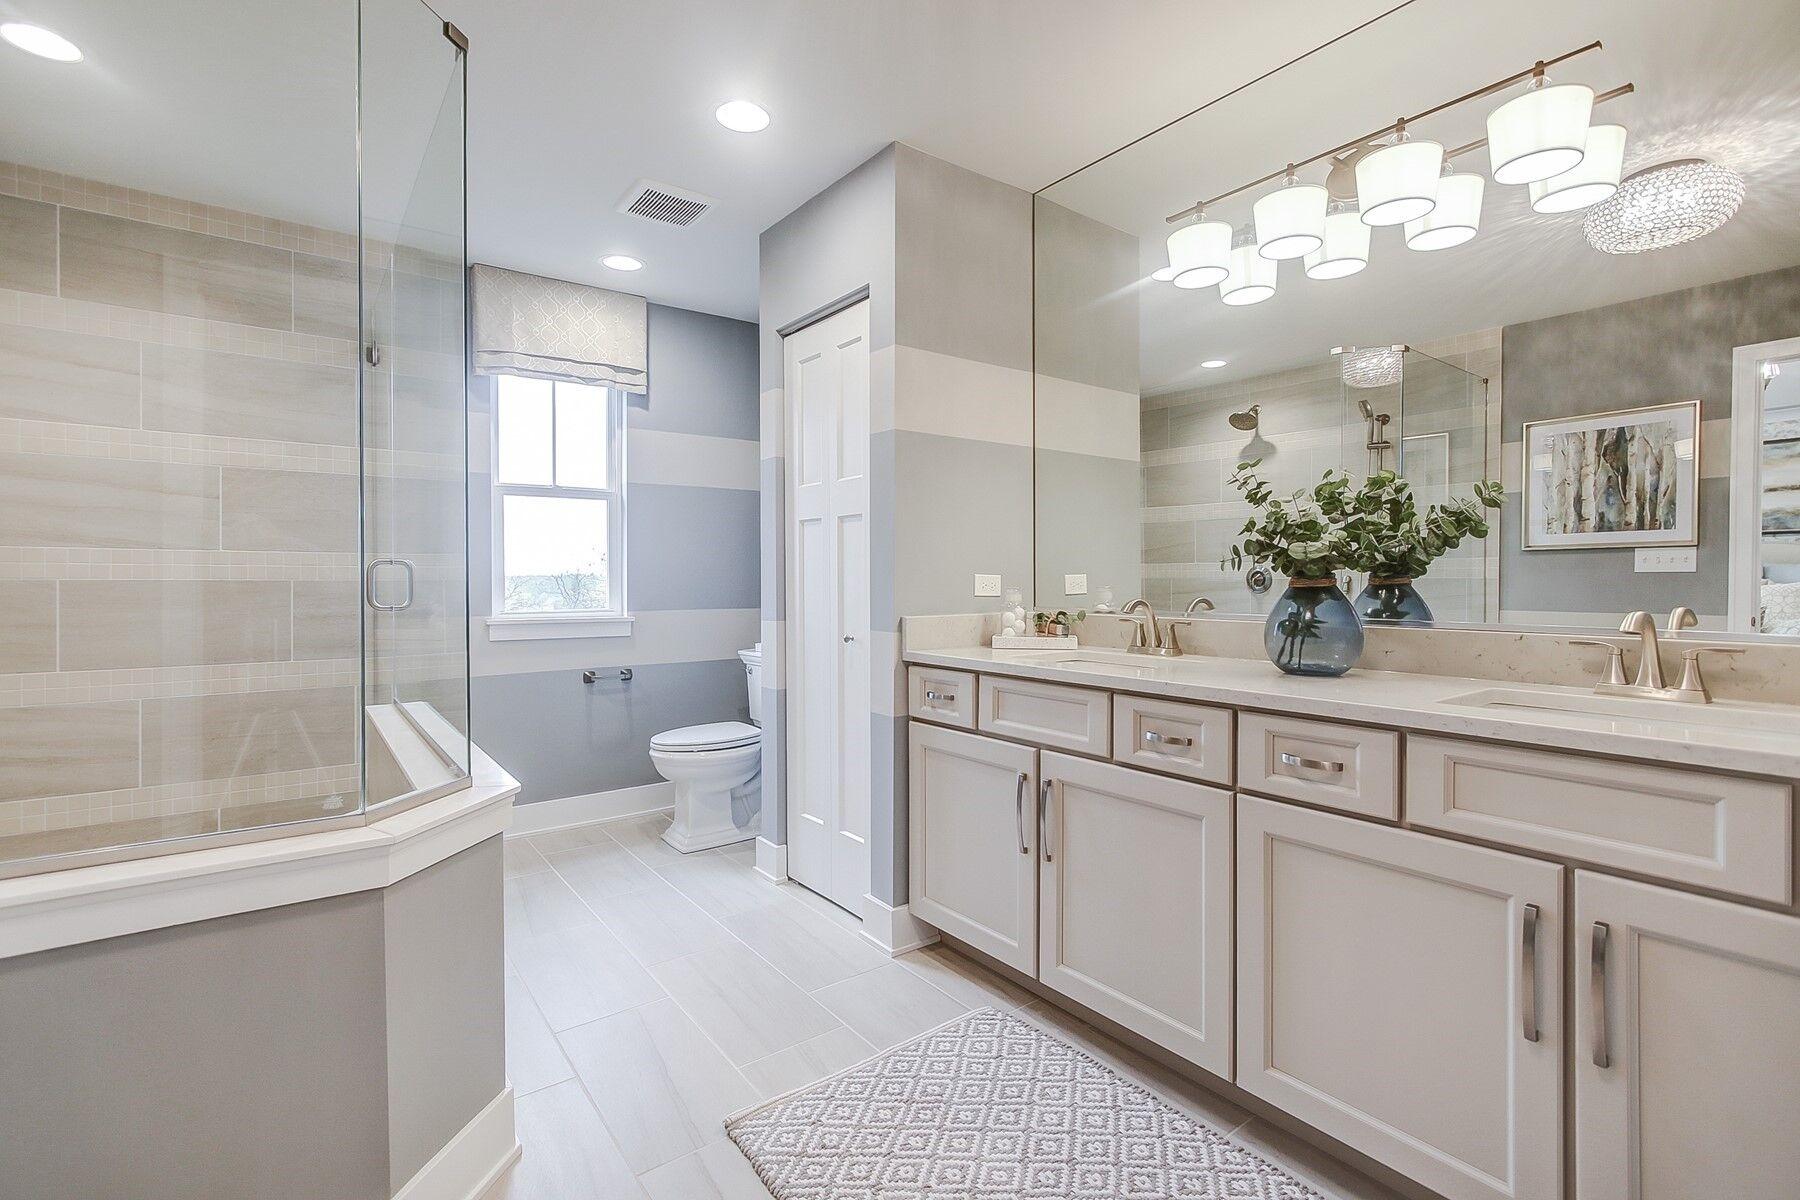 The Townes of Westbury Owner's Bathroom